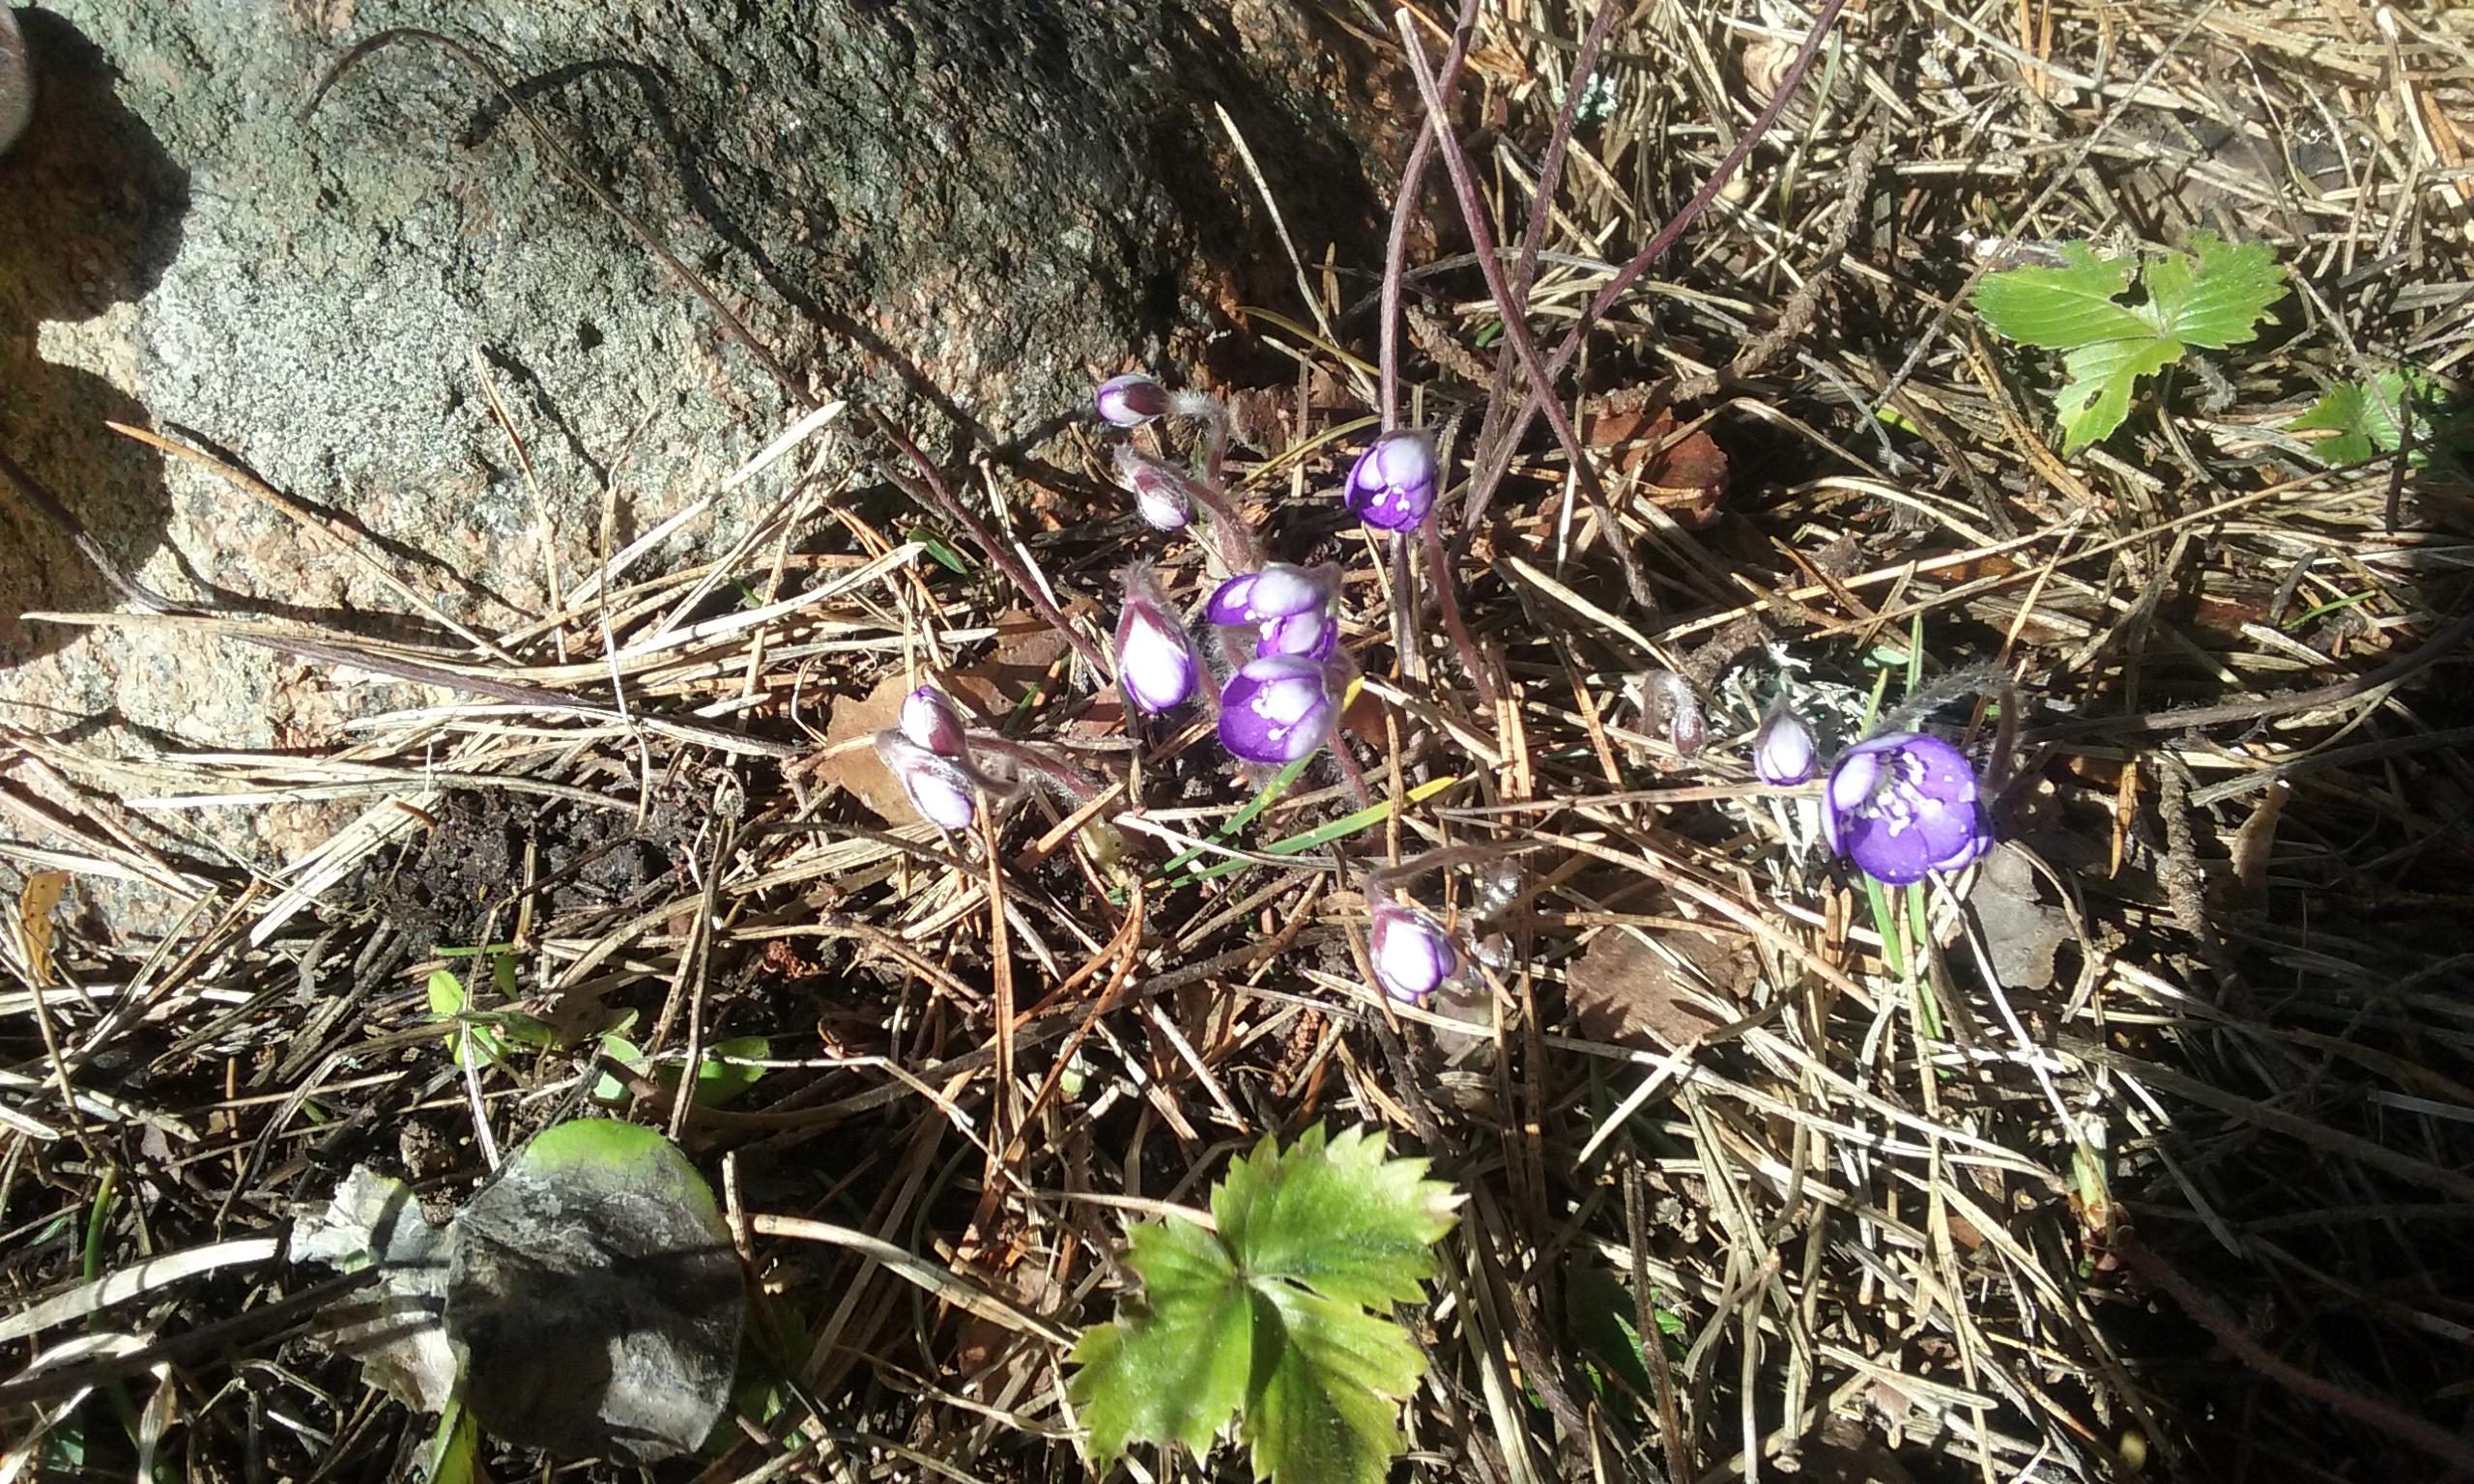 Samal ajal, kui Mandri-Eestis kühveldatakse agaralt lund, istutatakse Saaremaal juba lilli. Ilmateenistuse ilmavaatluste osakonna asejuhataja Külli Loodla ütles, et klimaatilist talve pole Saaremaal sel aastal jälle olnud. Klimaatiline talv on […]